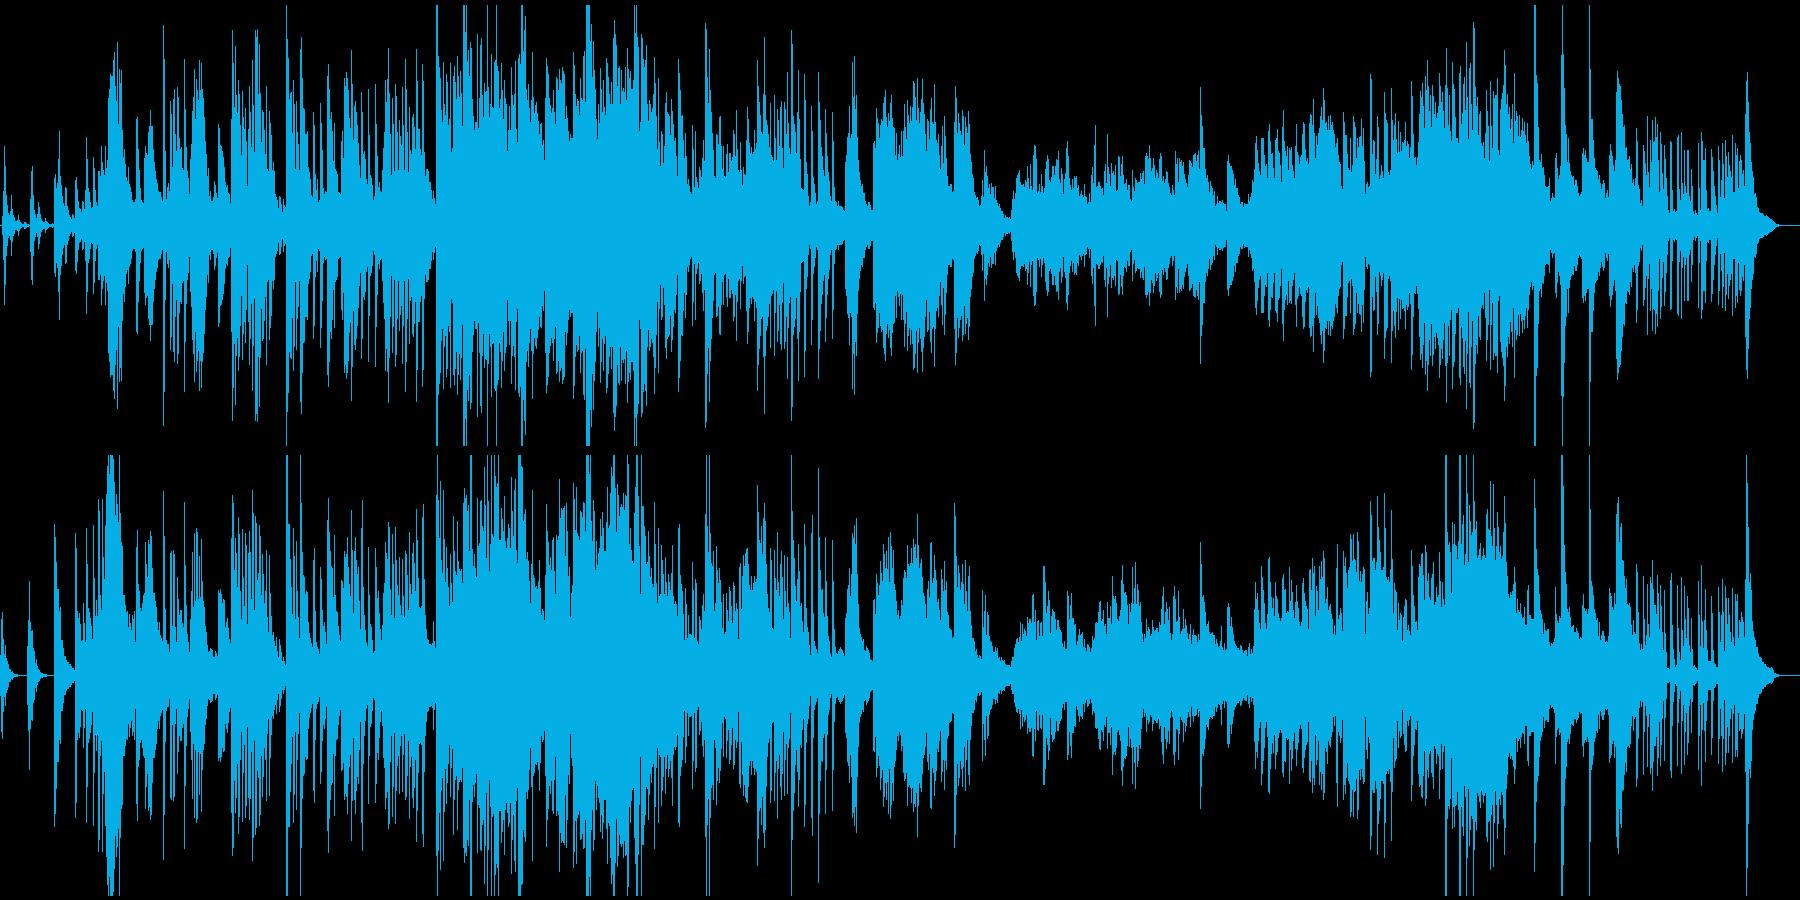 温暖地域のイメージのゆるい和風楽曲の再生済みの波形